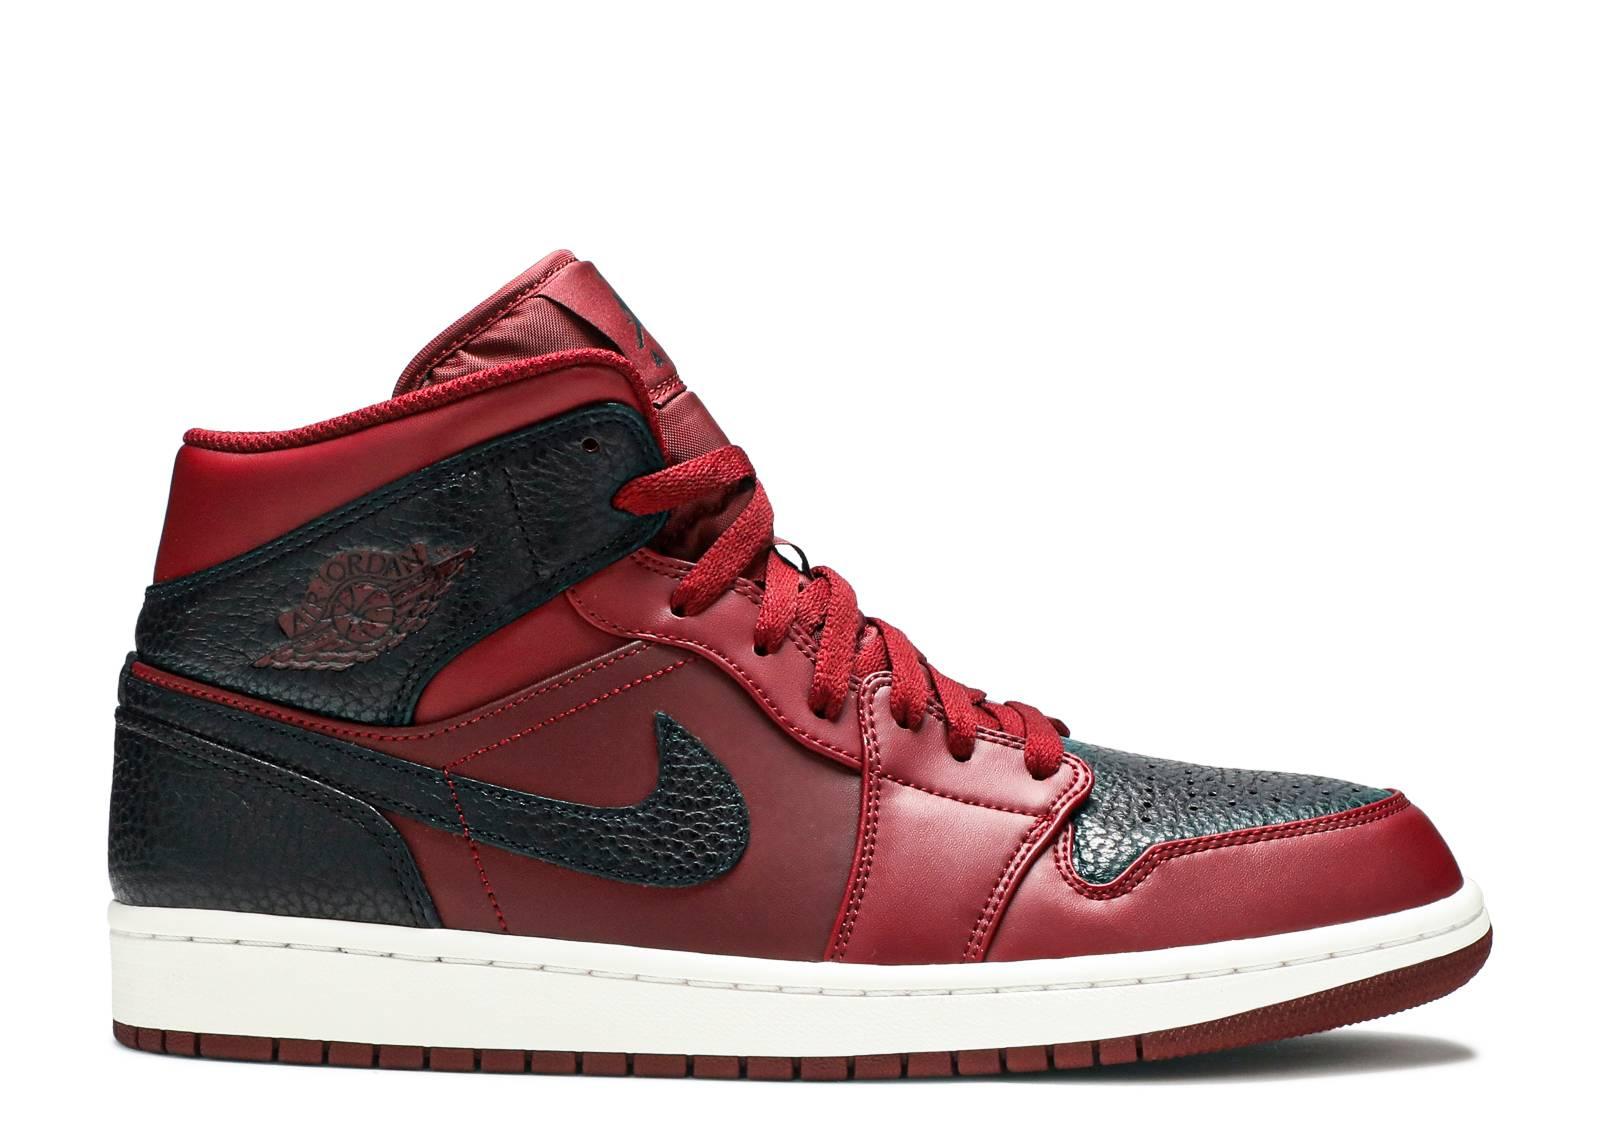 bf6b2e53d5055c Air Jordan 1 Mid - Air Jordan - 554724 601 - team red black summit white